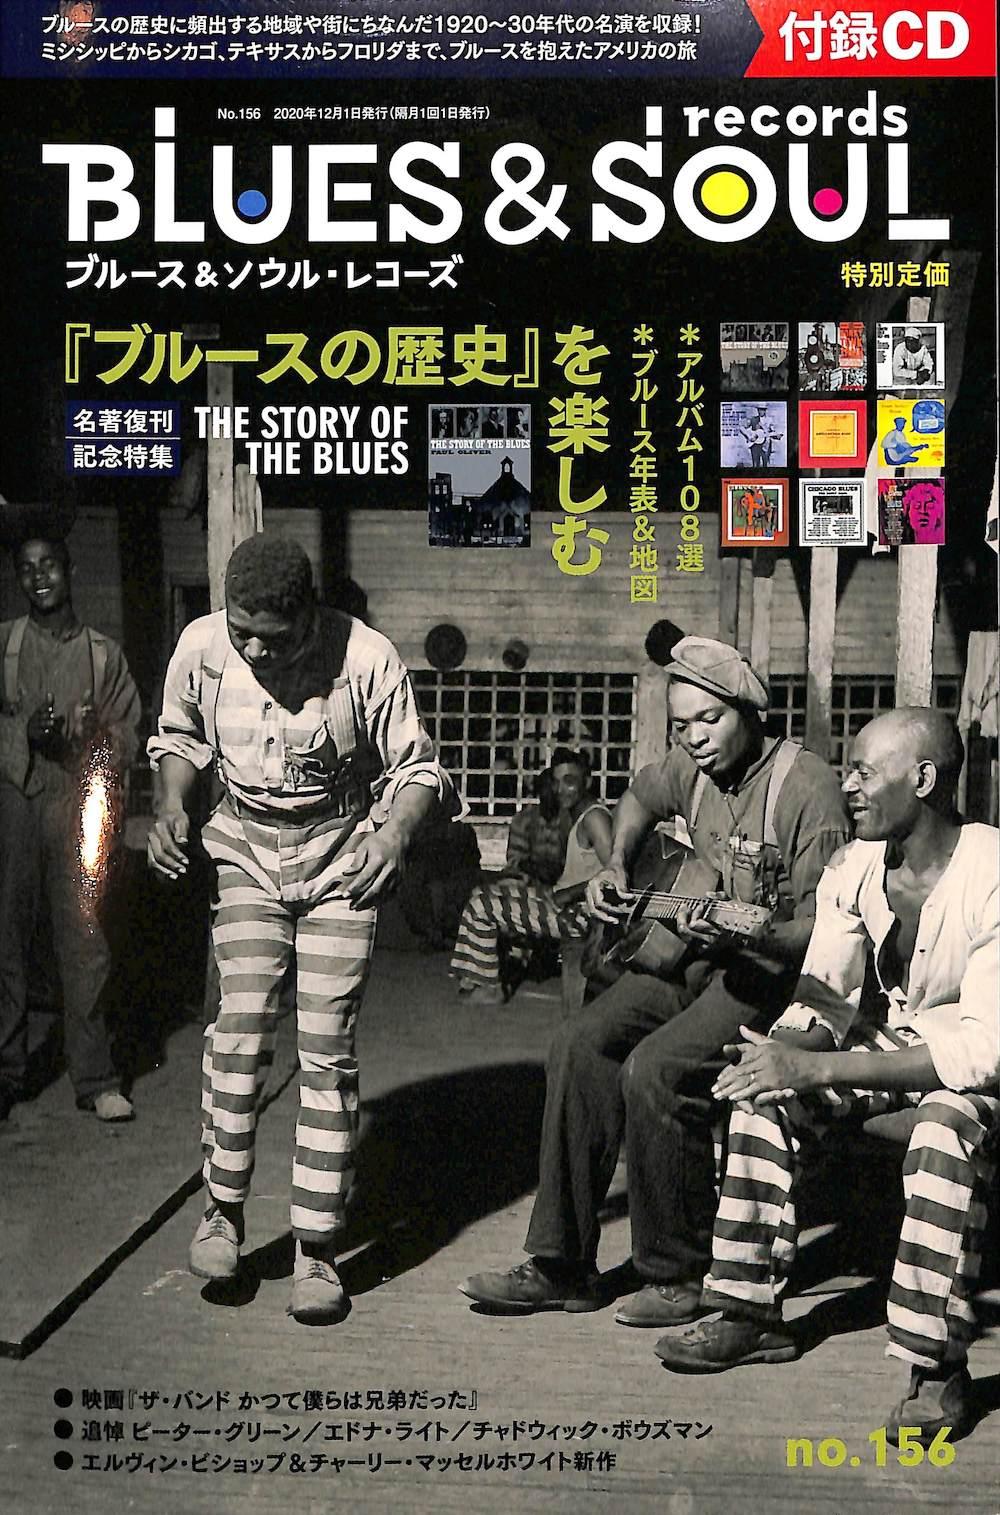 ブルース & ソウル・レコーズ - Blues & Soul Records No. 155 - Book